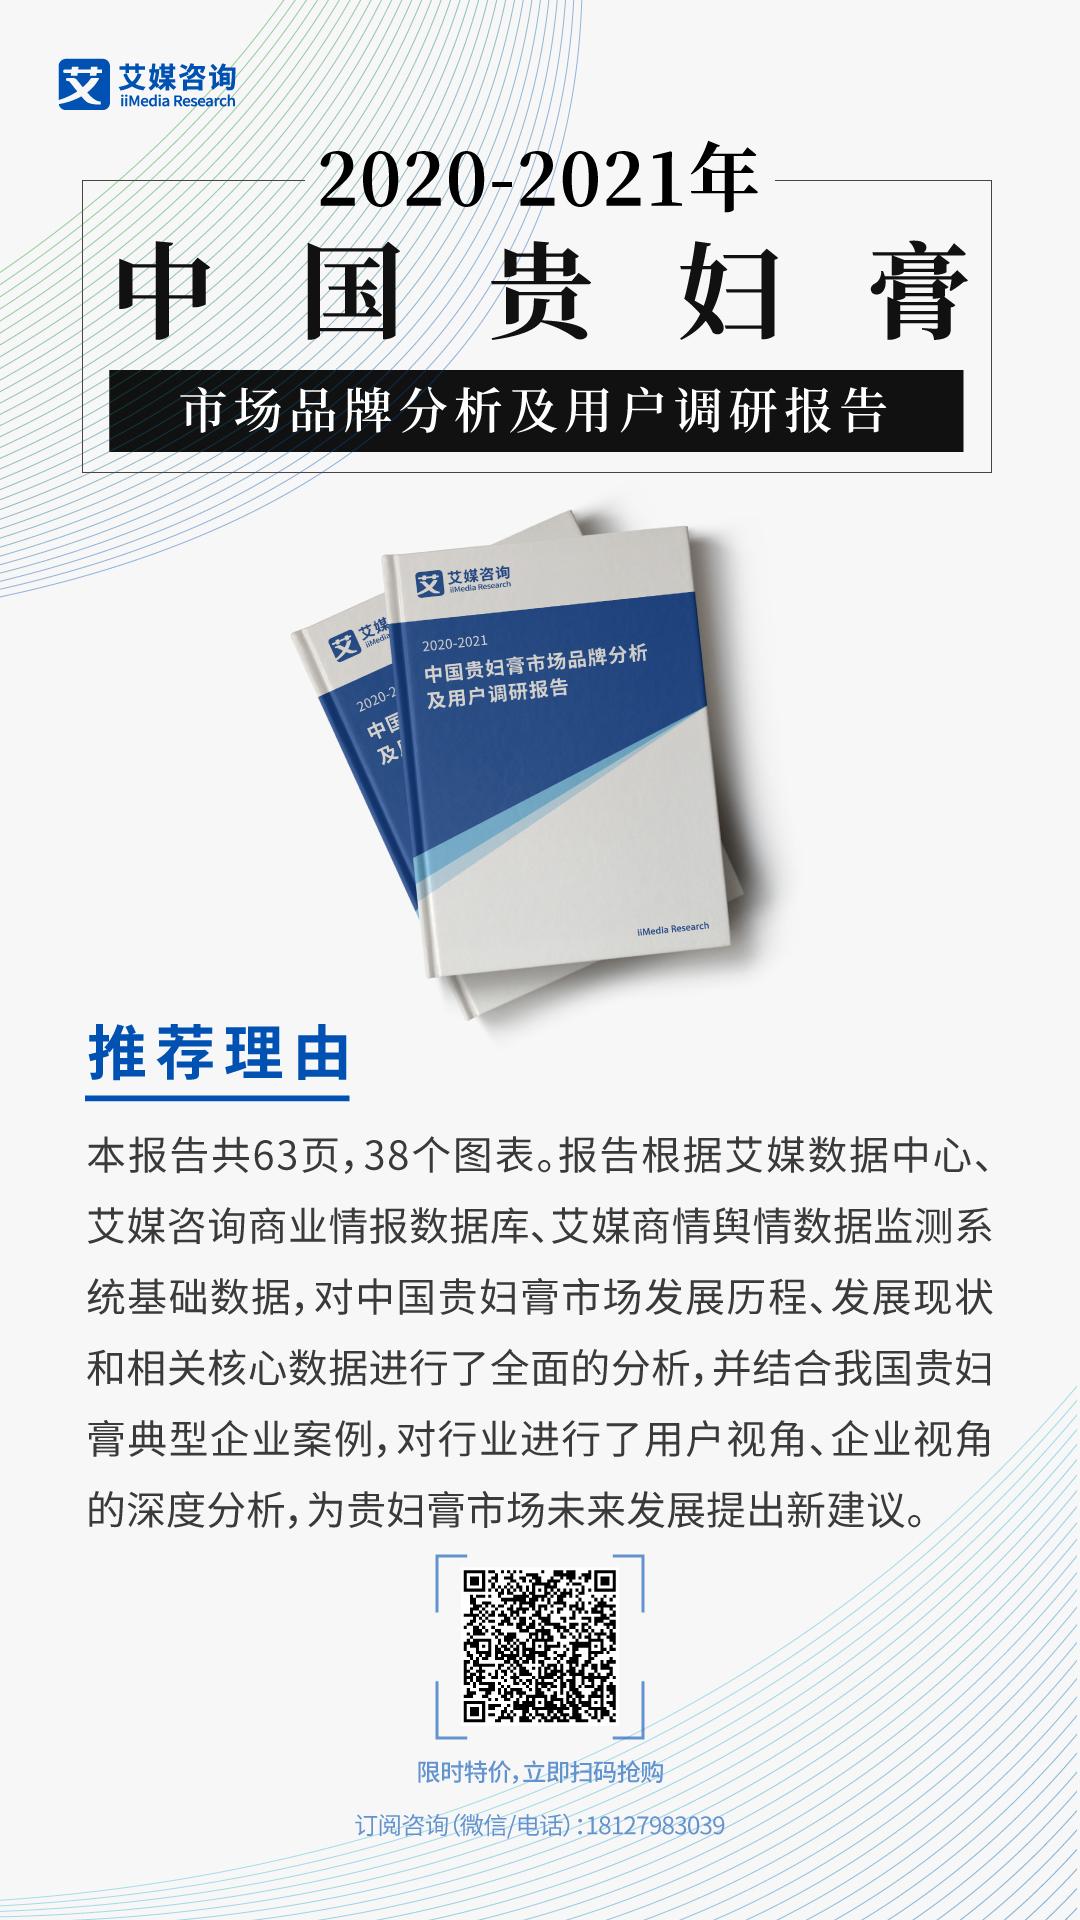 2020——2021年中国贵妇膏市场品牌分析及用户调研报告